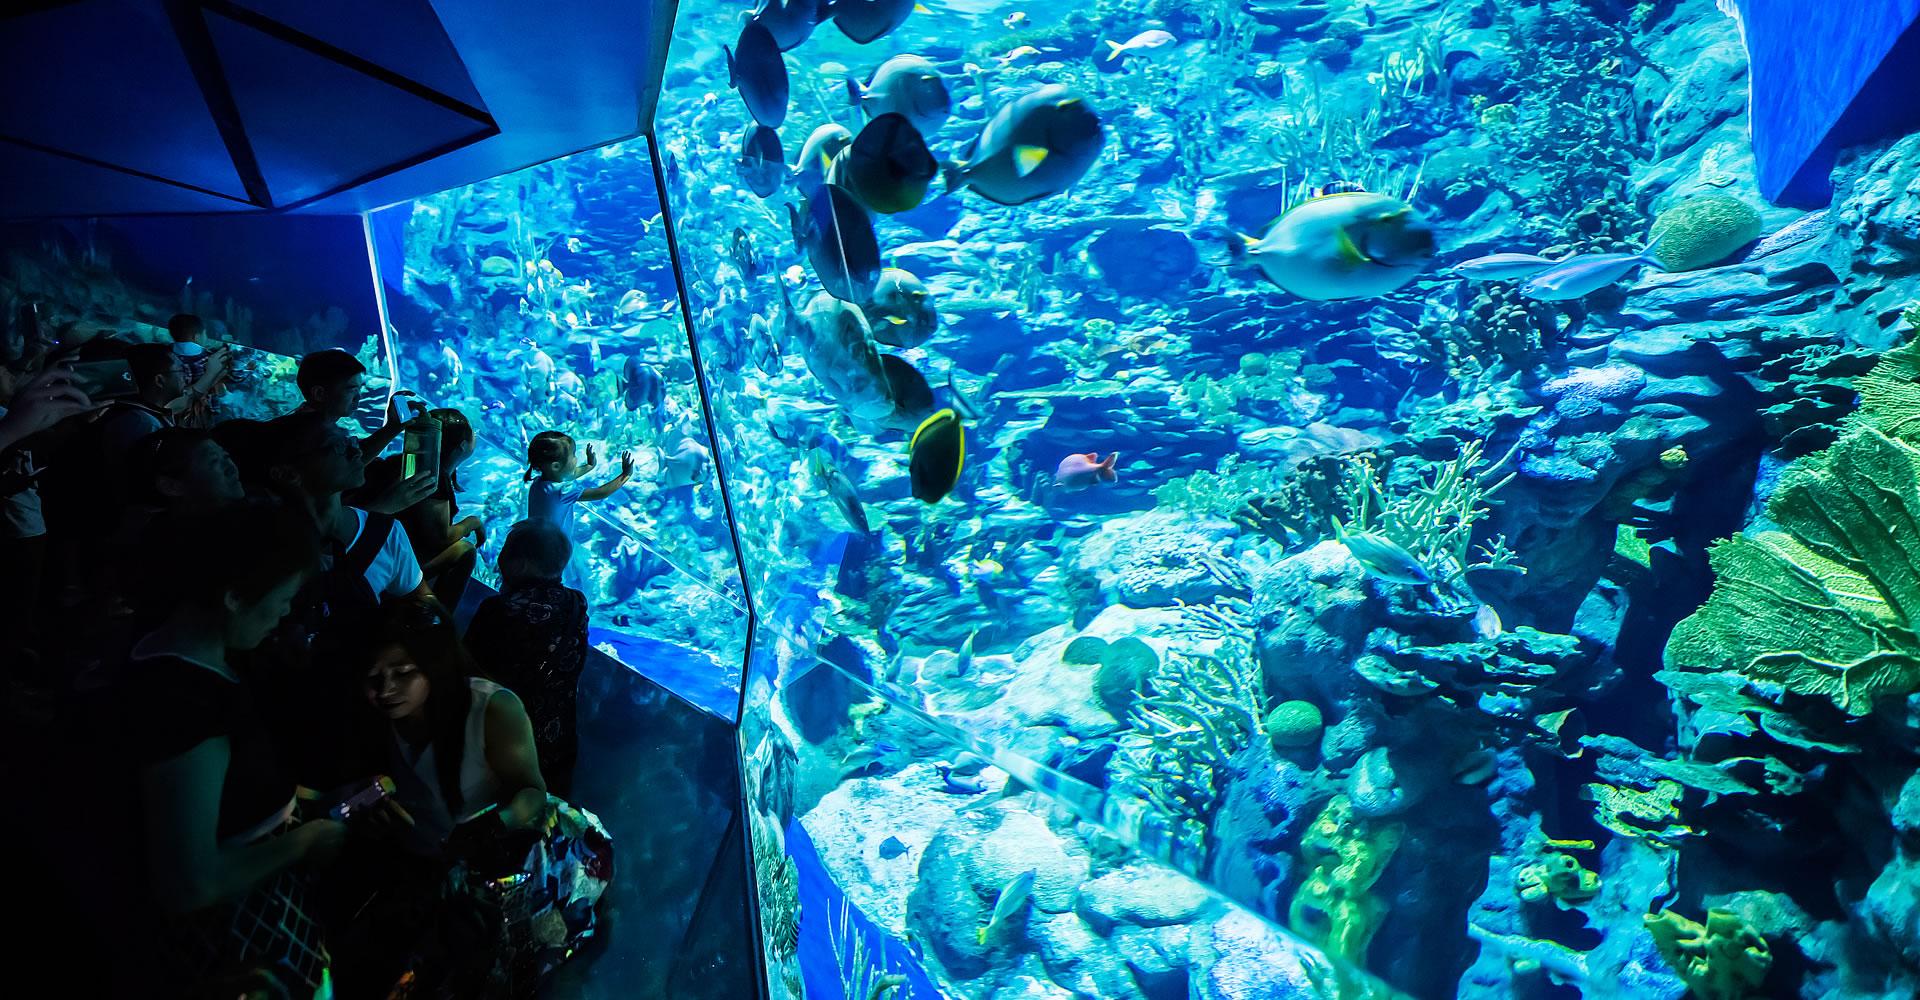 Grand aquarium attractions park experience ocean for Achat grand aquarium